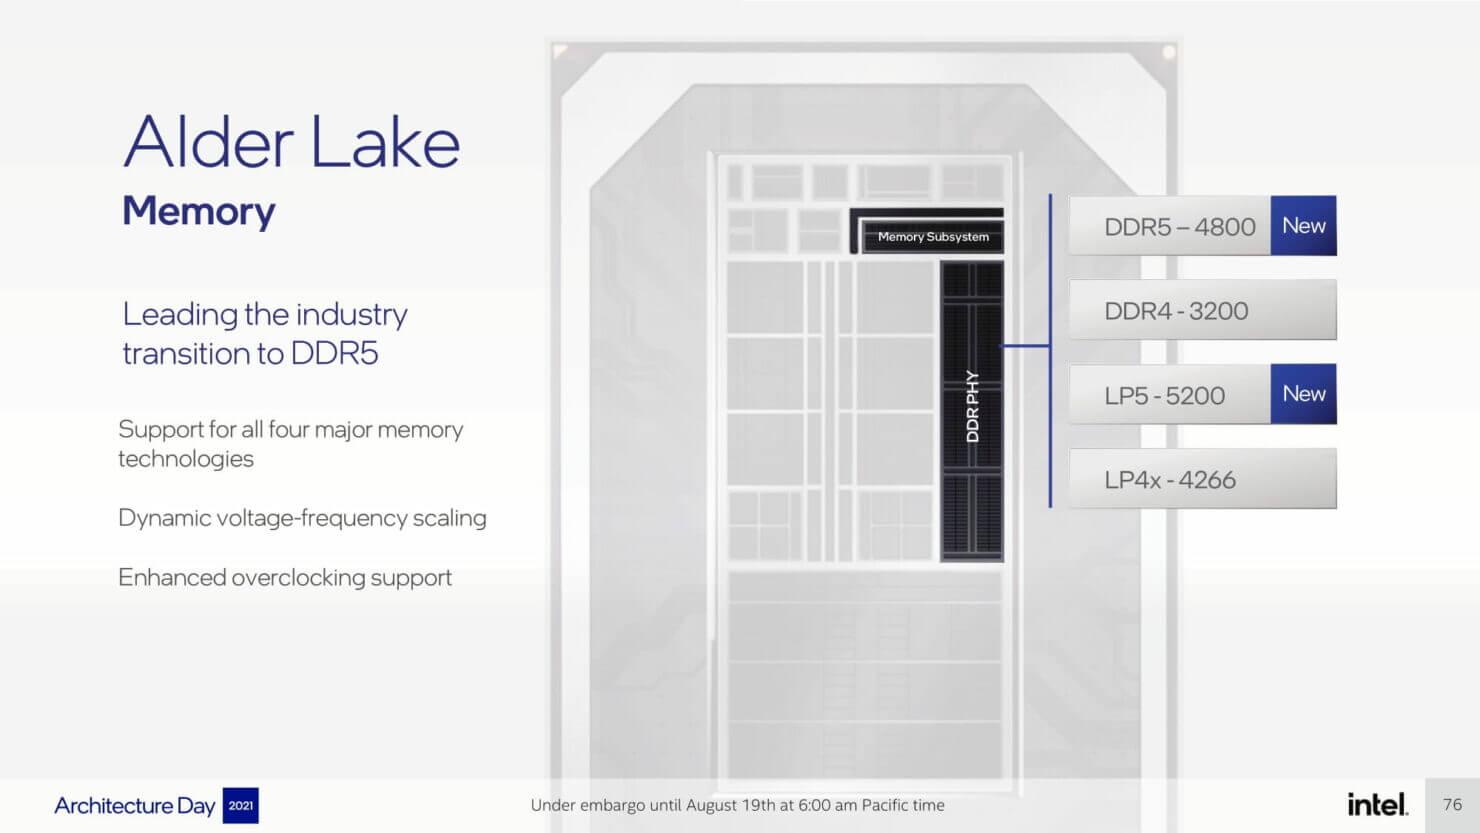 Intel Alder Lake slides-2